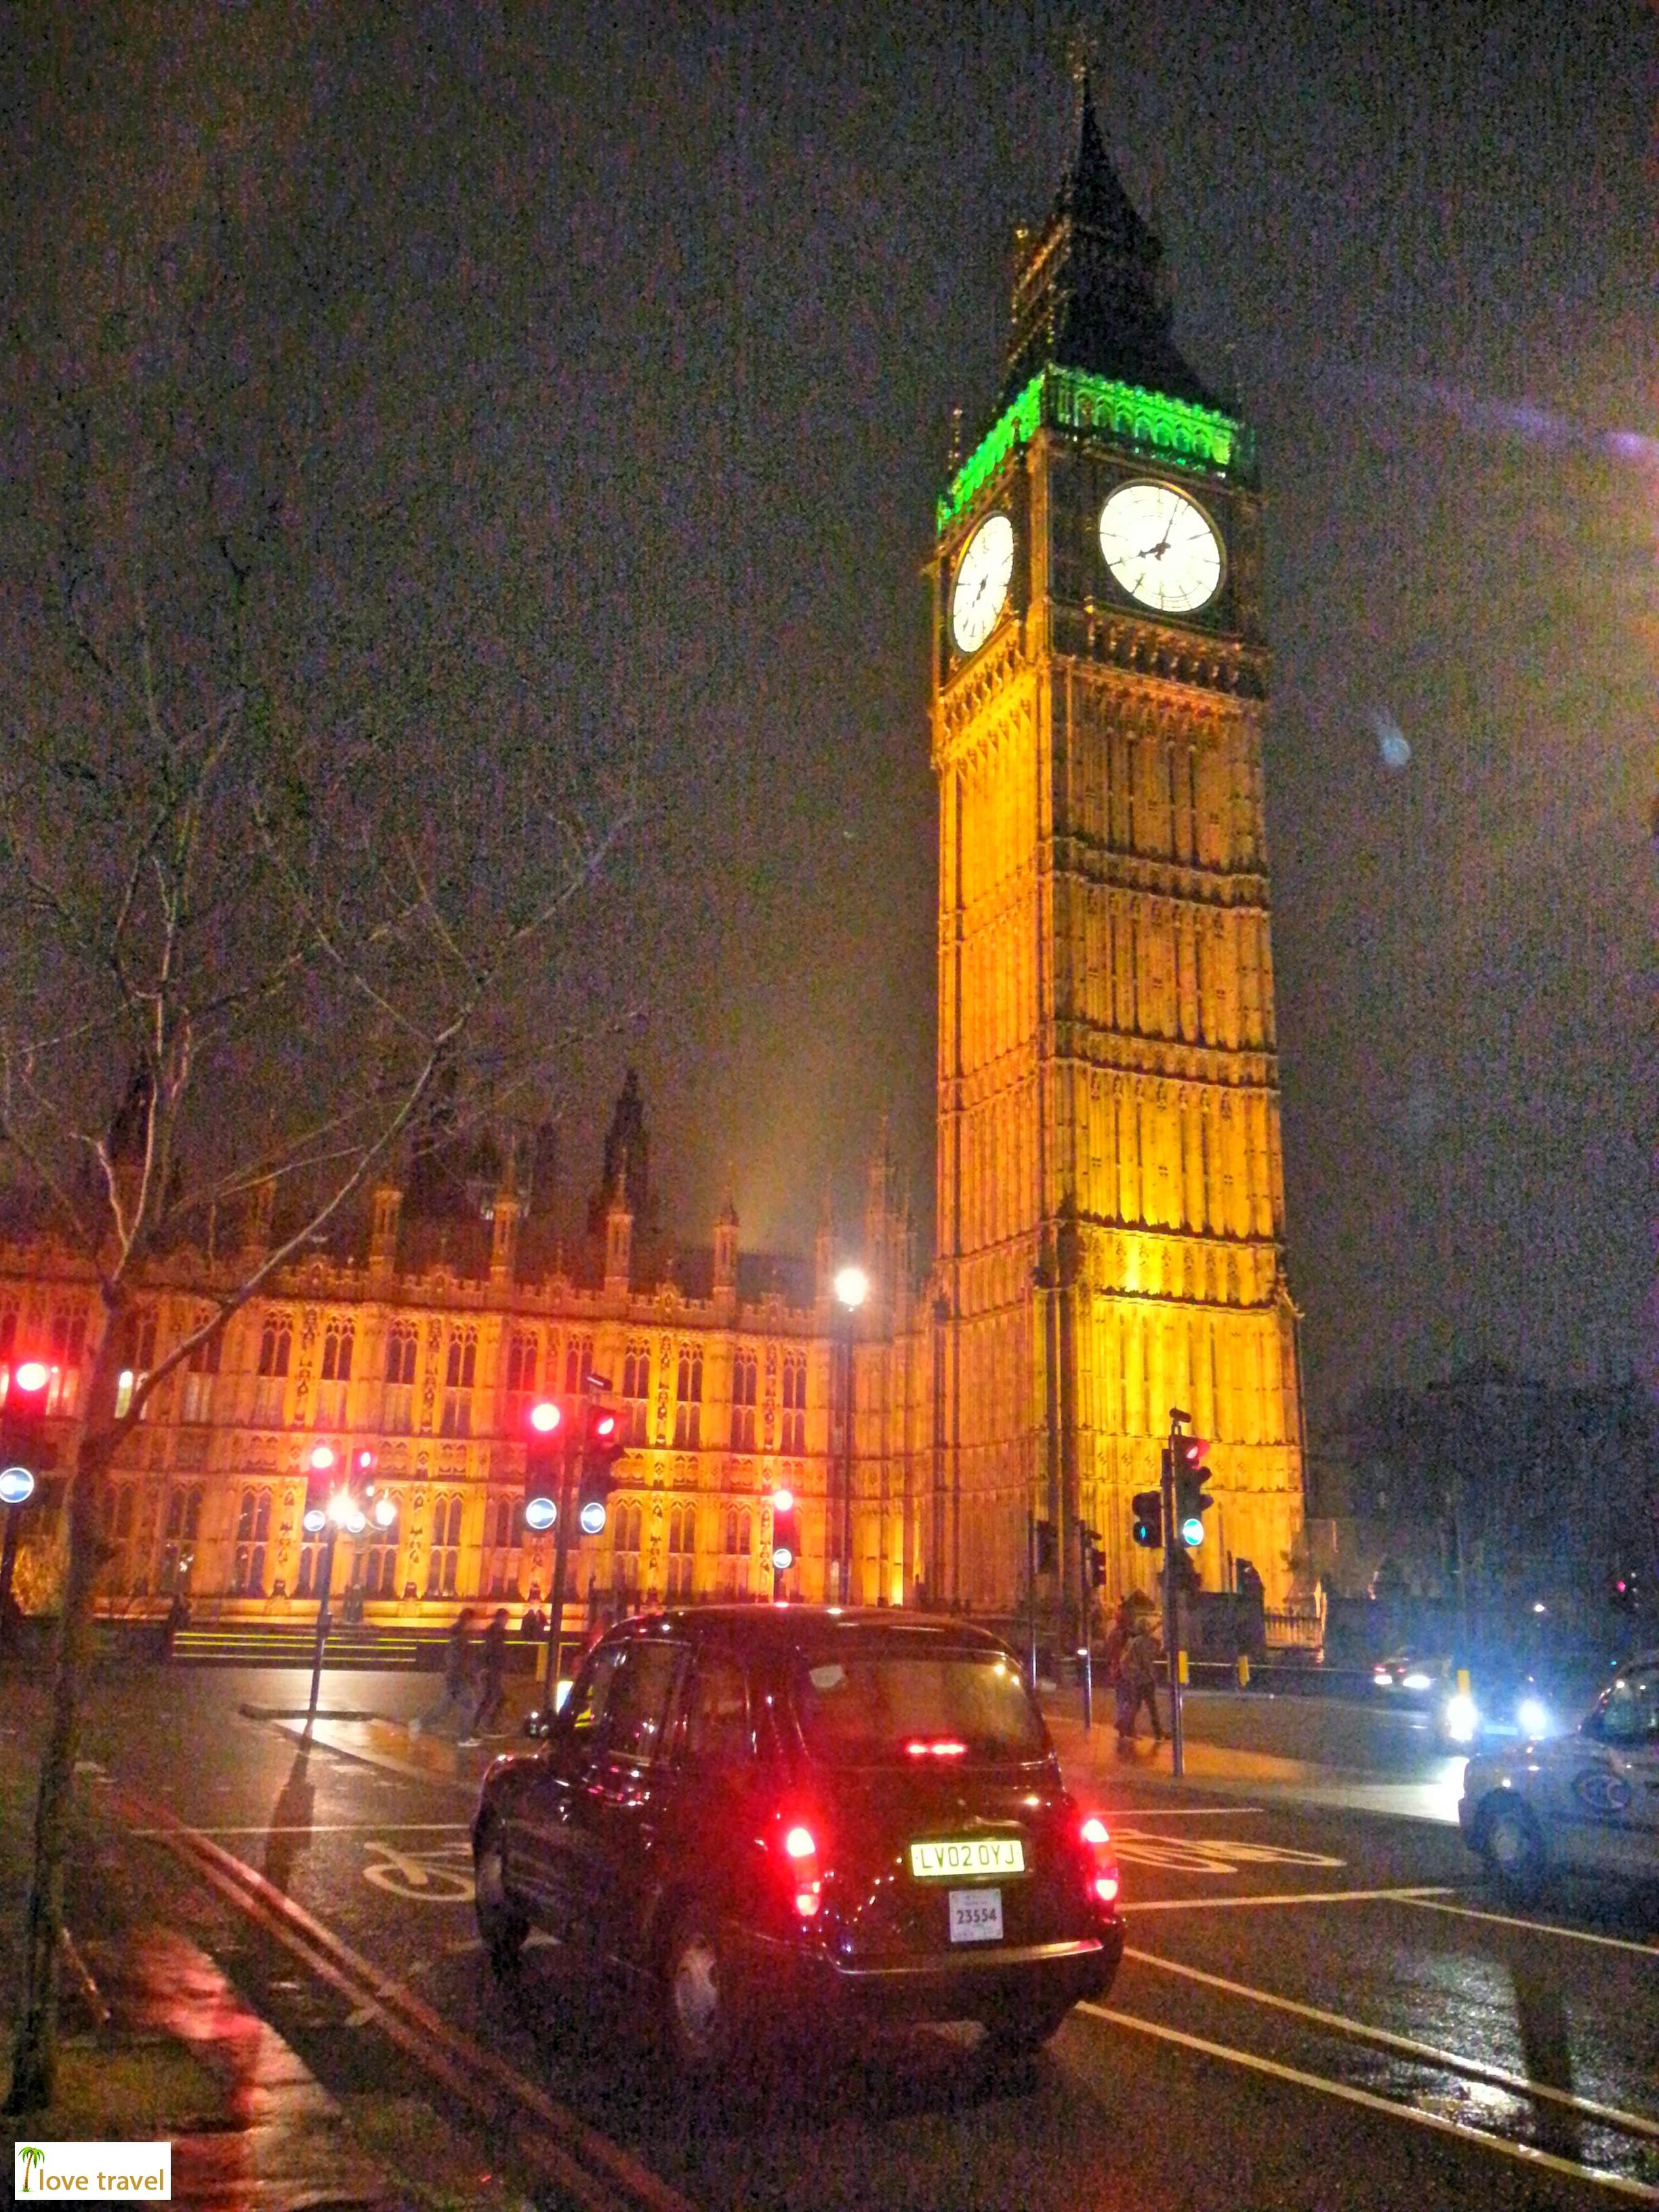 London (2013)